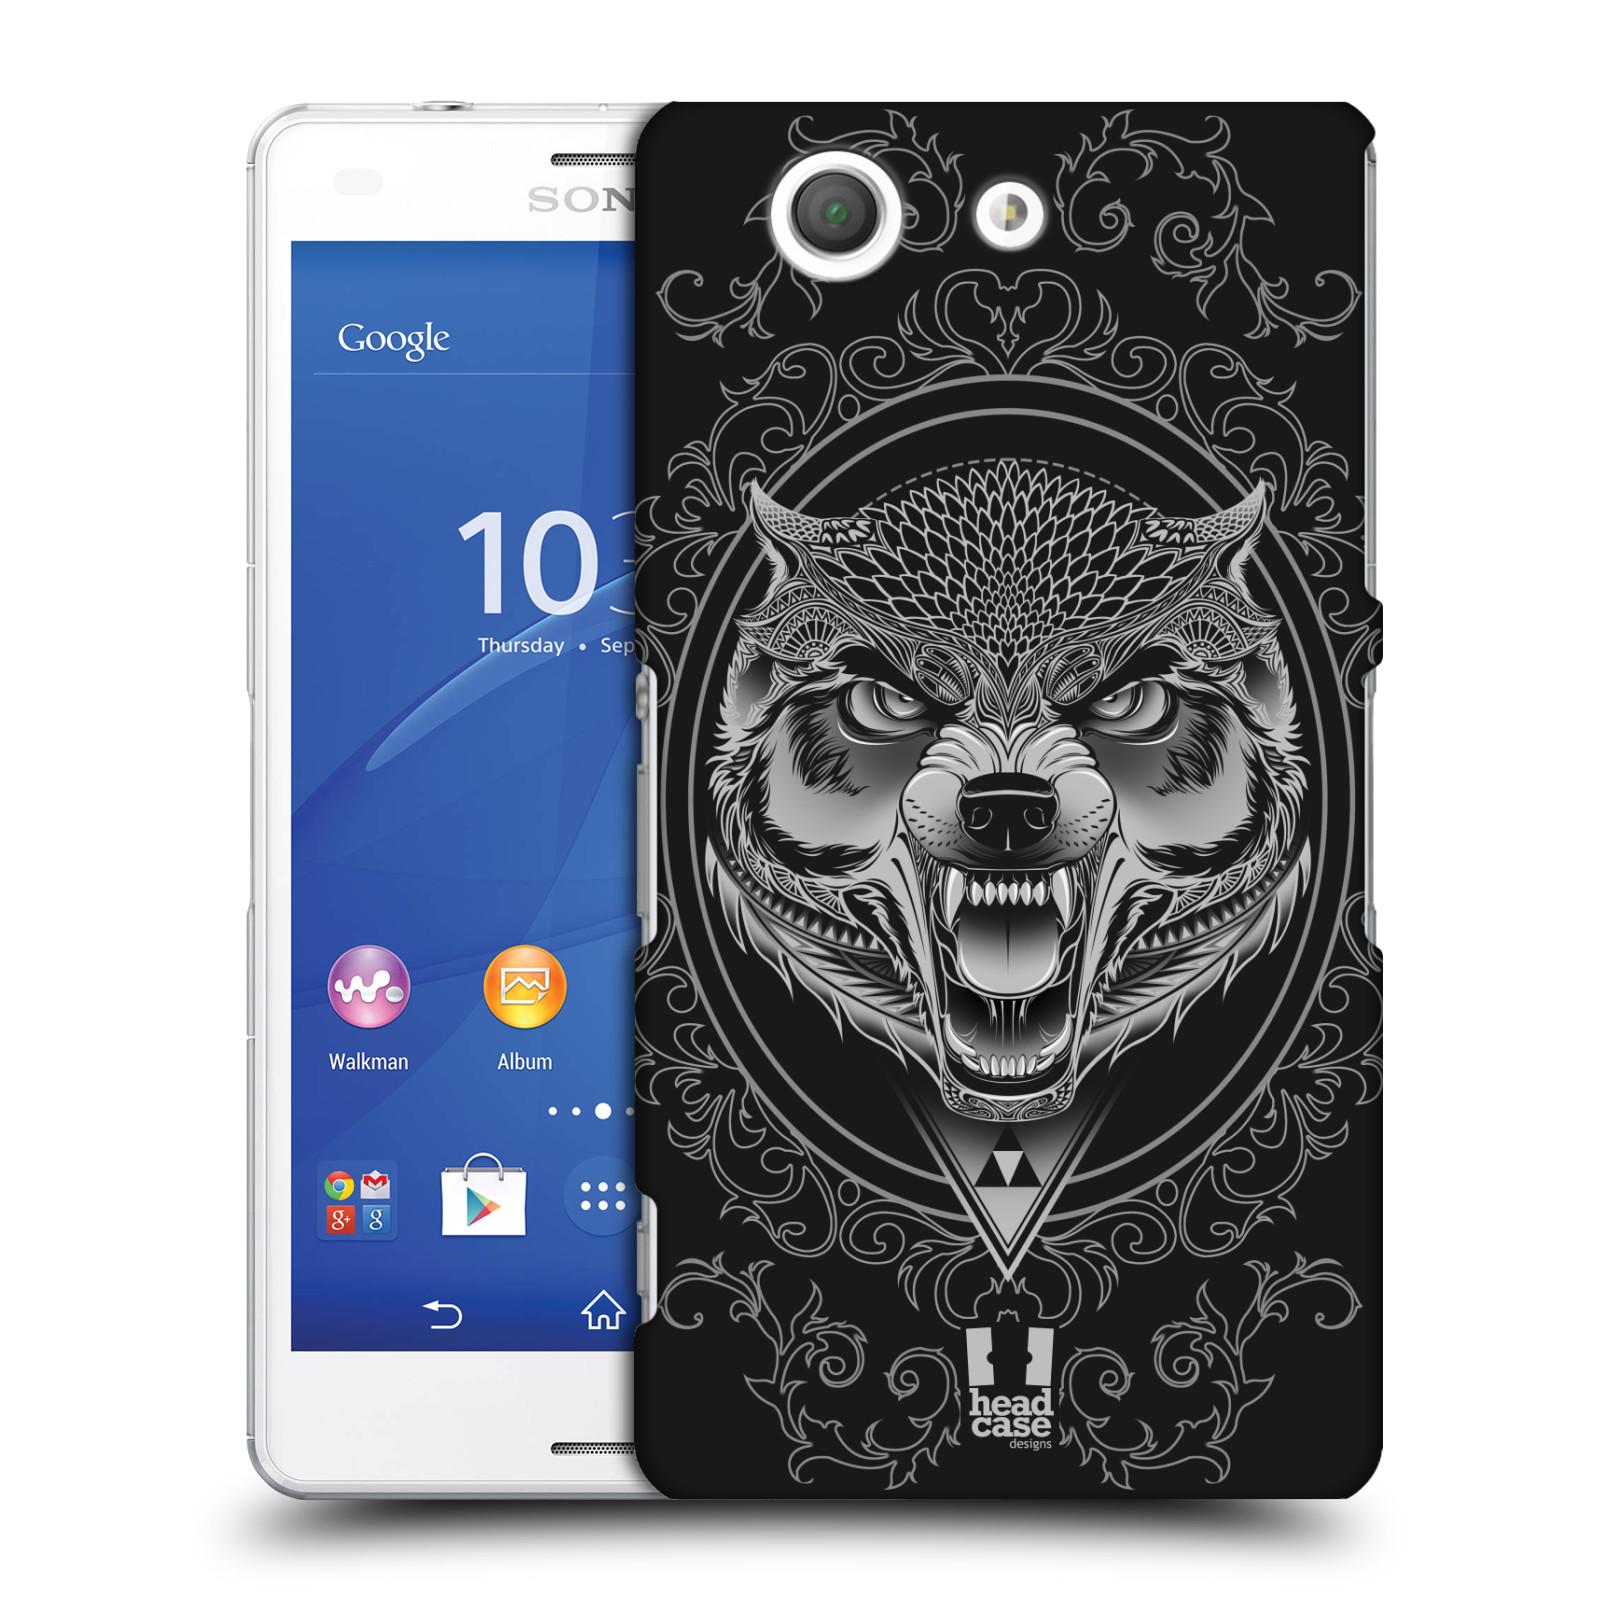 Plastové pouzdro na mobil Sony Xperia Z3 Compact D5803 - Head Case - Krutý vlk